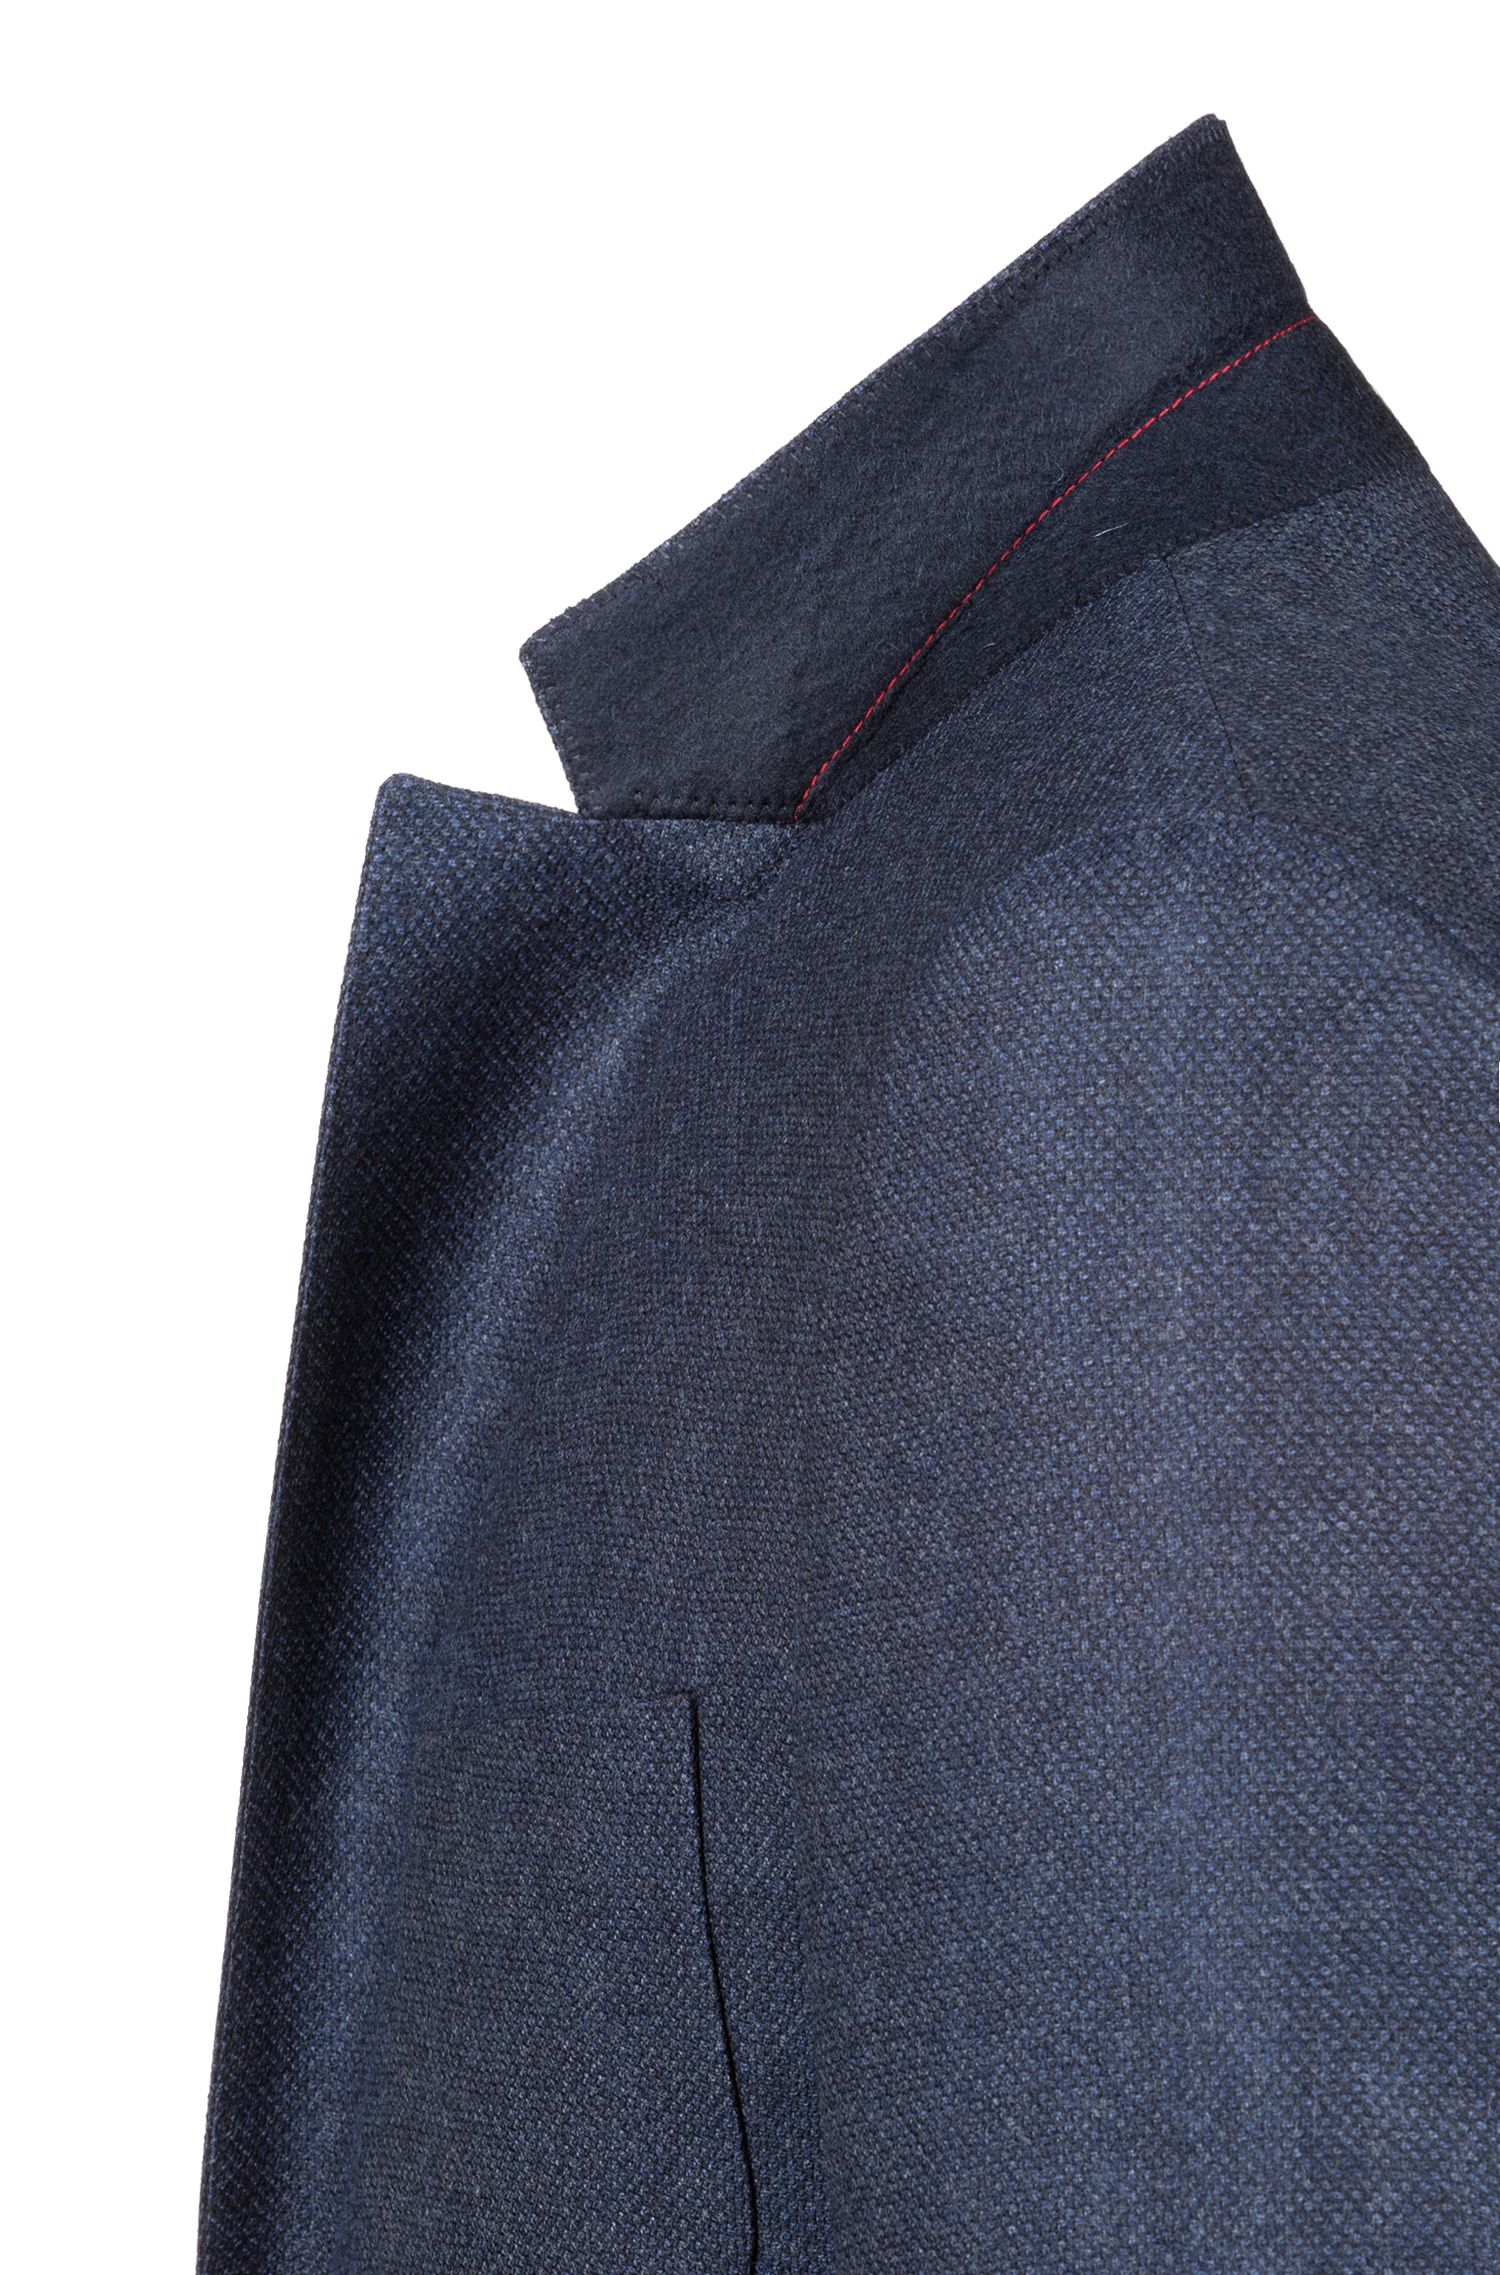 Extra Slim-Fit Sakko aus fein strukturierter Schurwolle, Dunkelblau